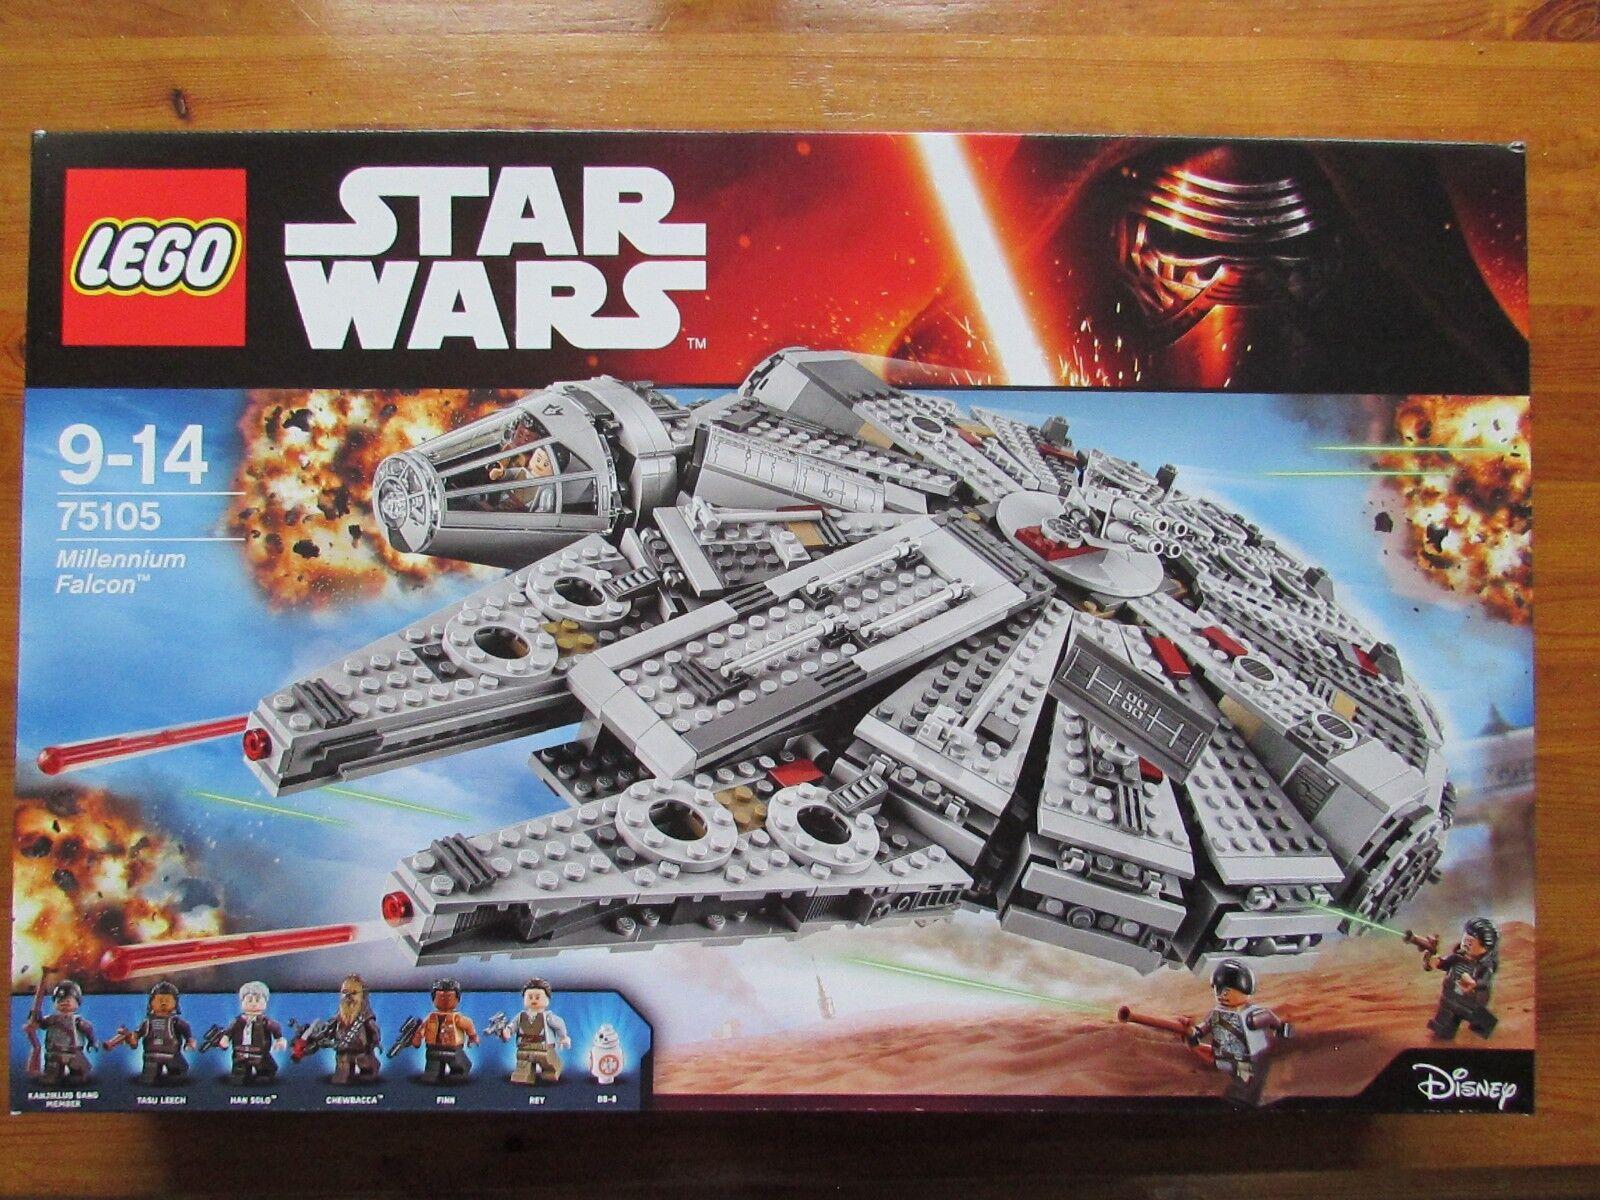 LEGO set 75105 STAR WARS Millennium Falcon MISB